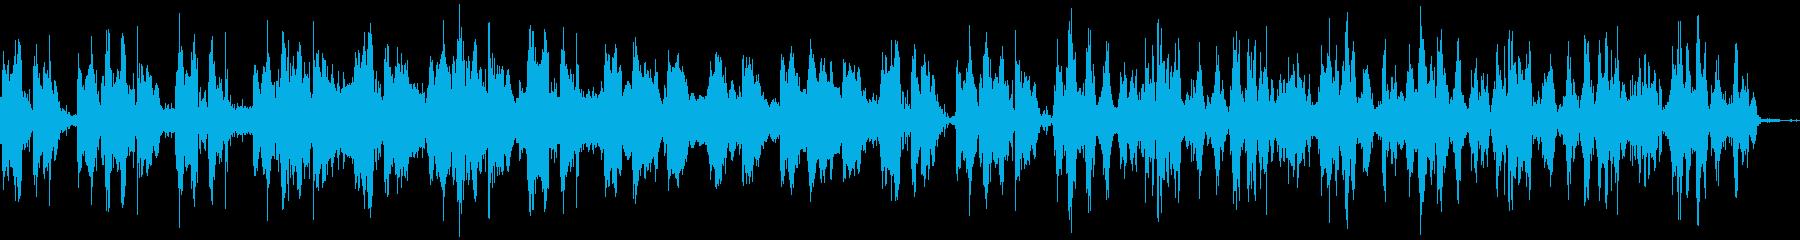 流動的/有機的/SF/アンドロイドの再生済みの波形